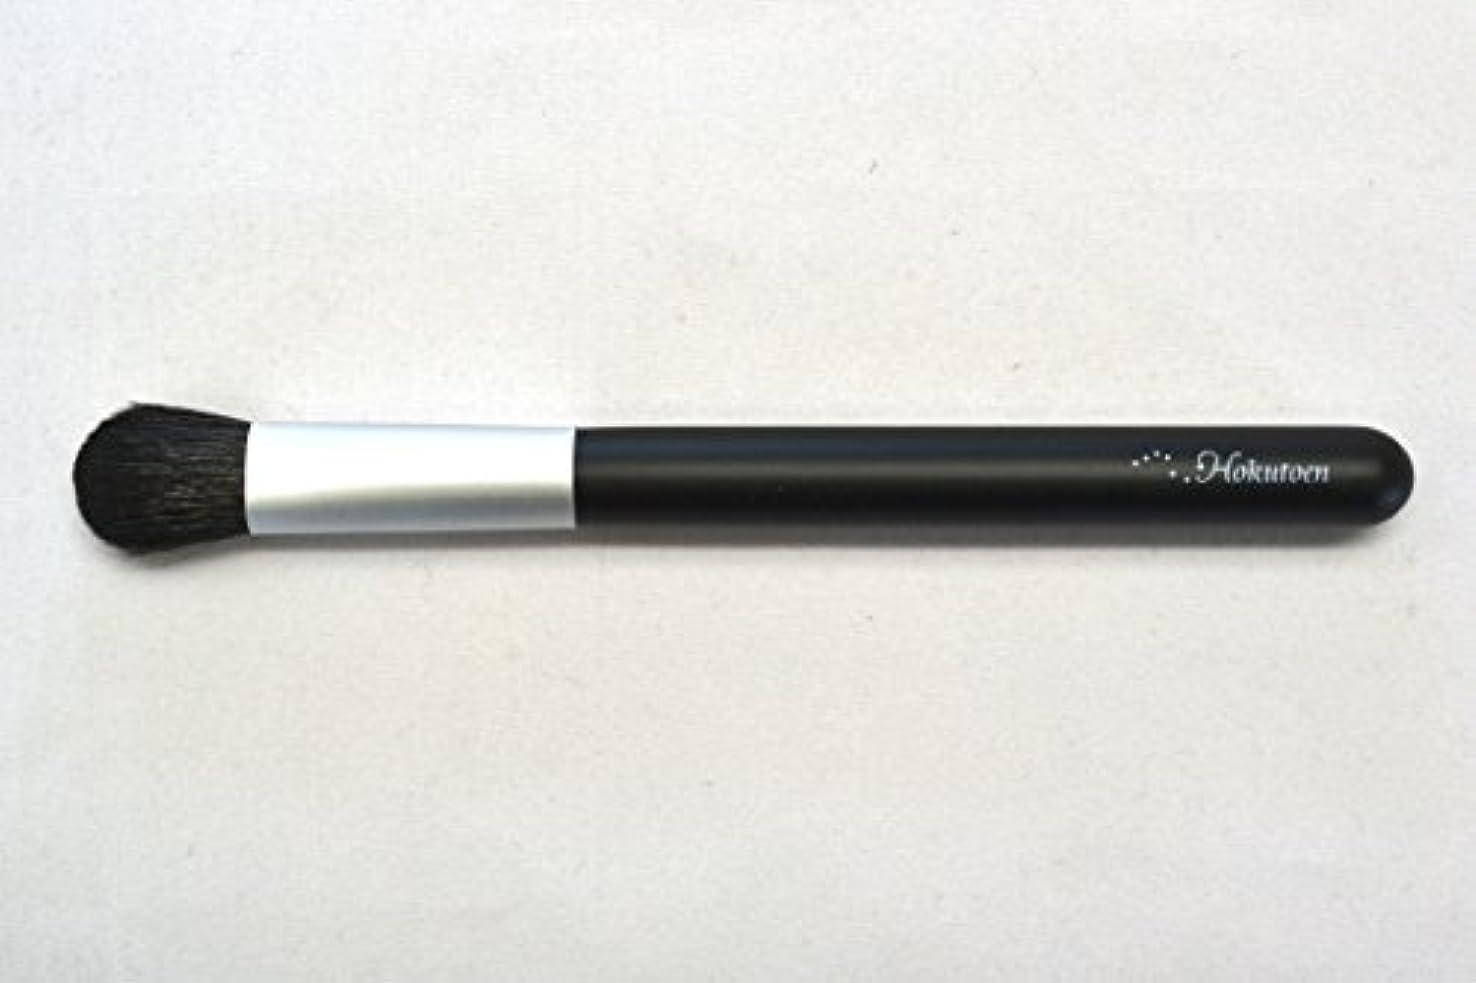 コメンテーター整然としたサーバント熊野筆 北斗園 Kシリーズ アイシャドウブラシ丸型(黒銀)